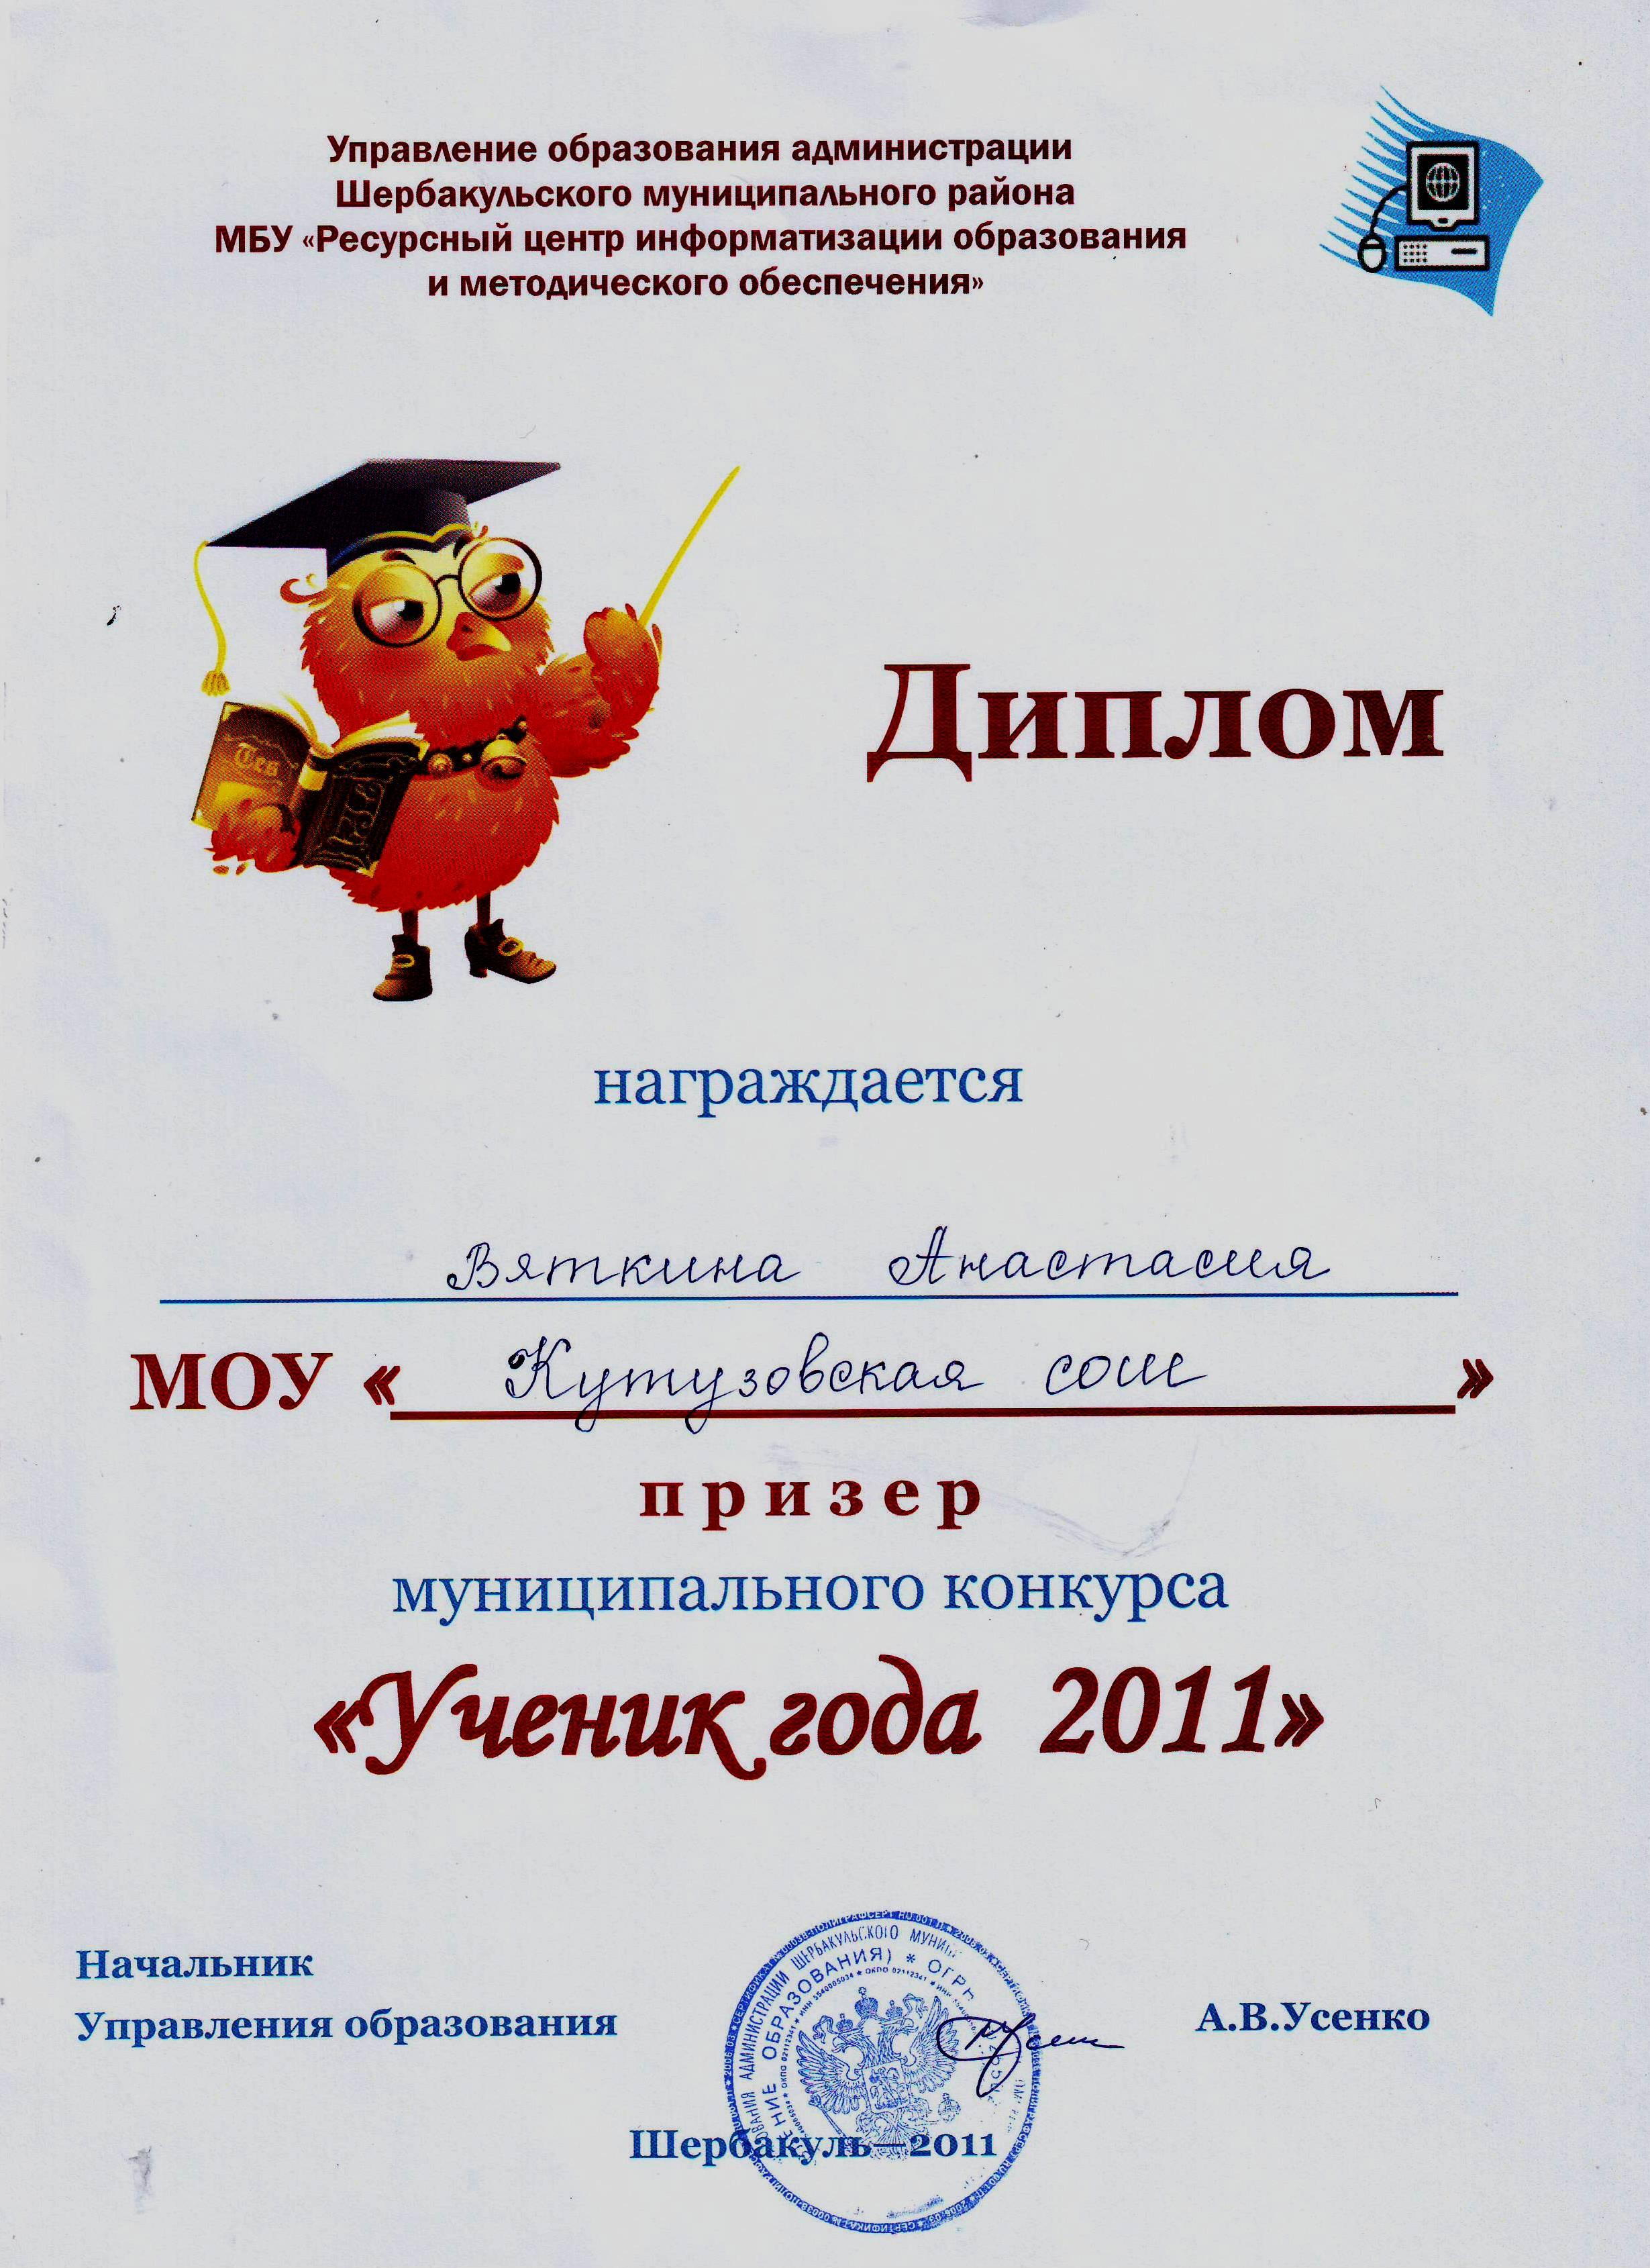 Визитная карточка на конкурсе ученик года в школе